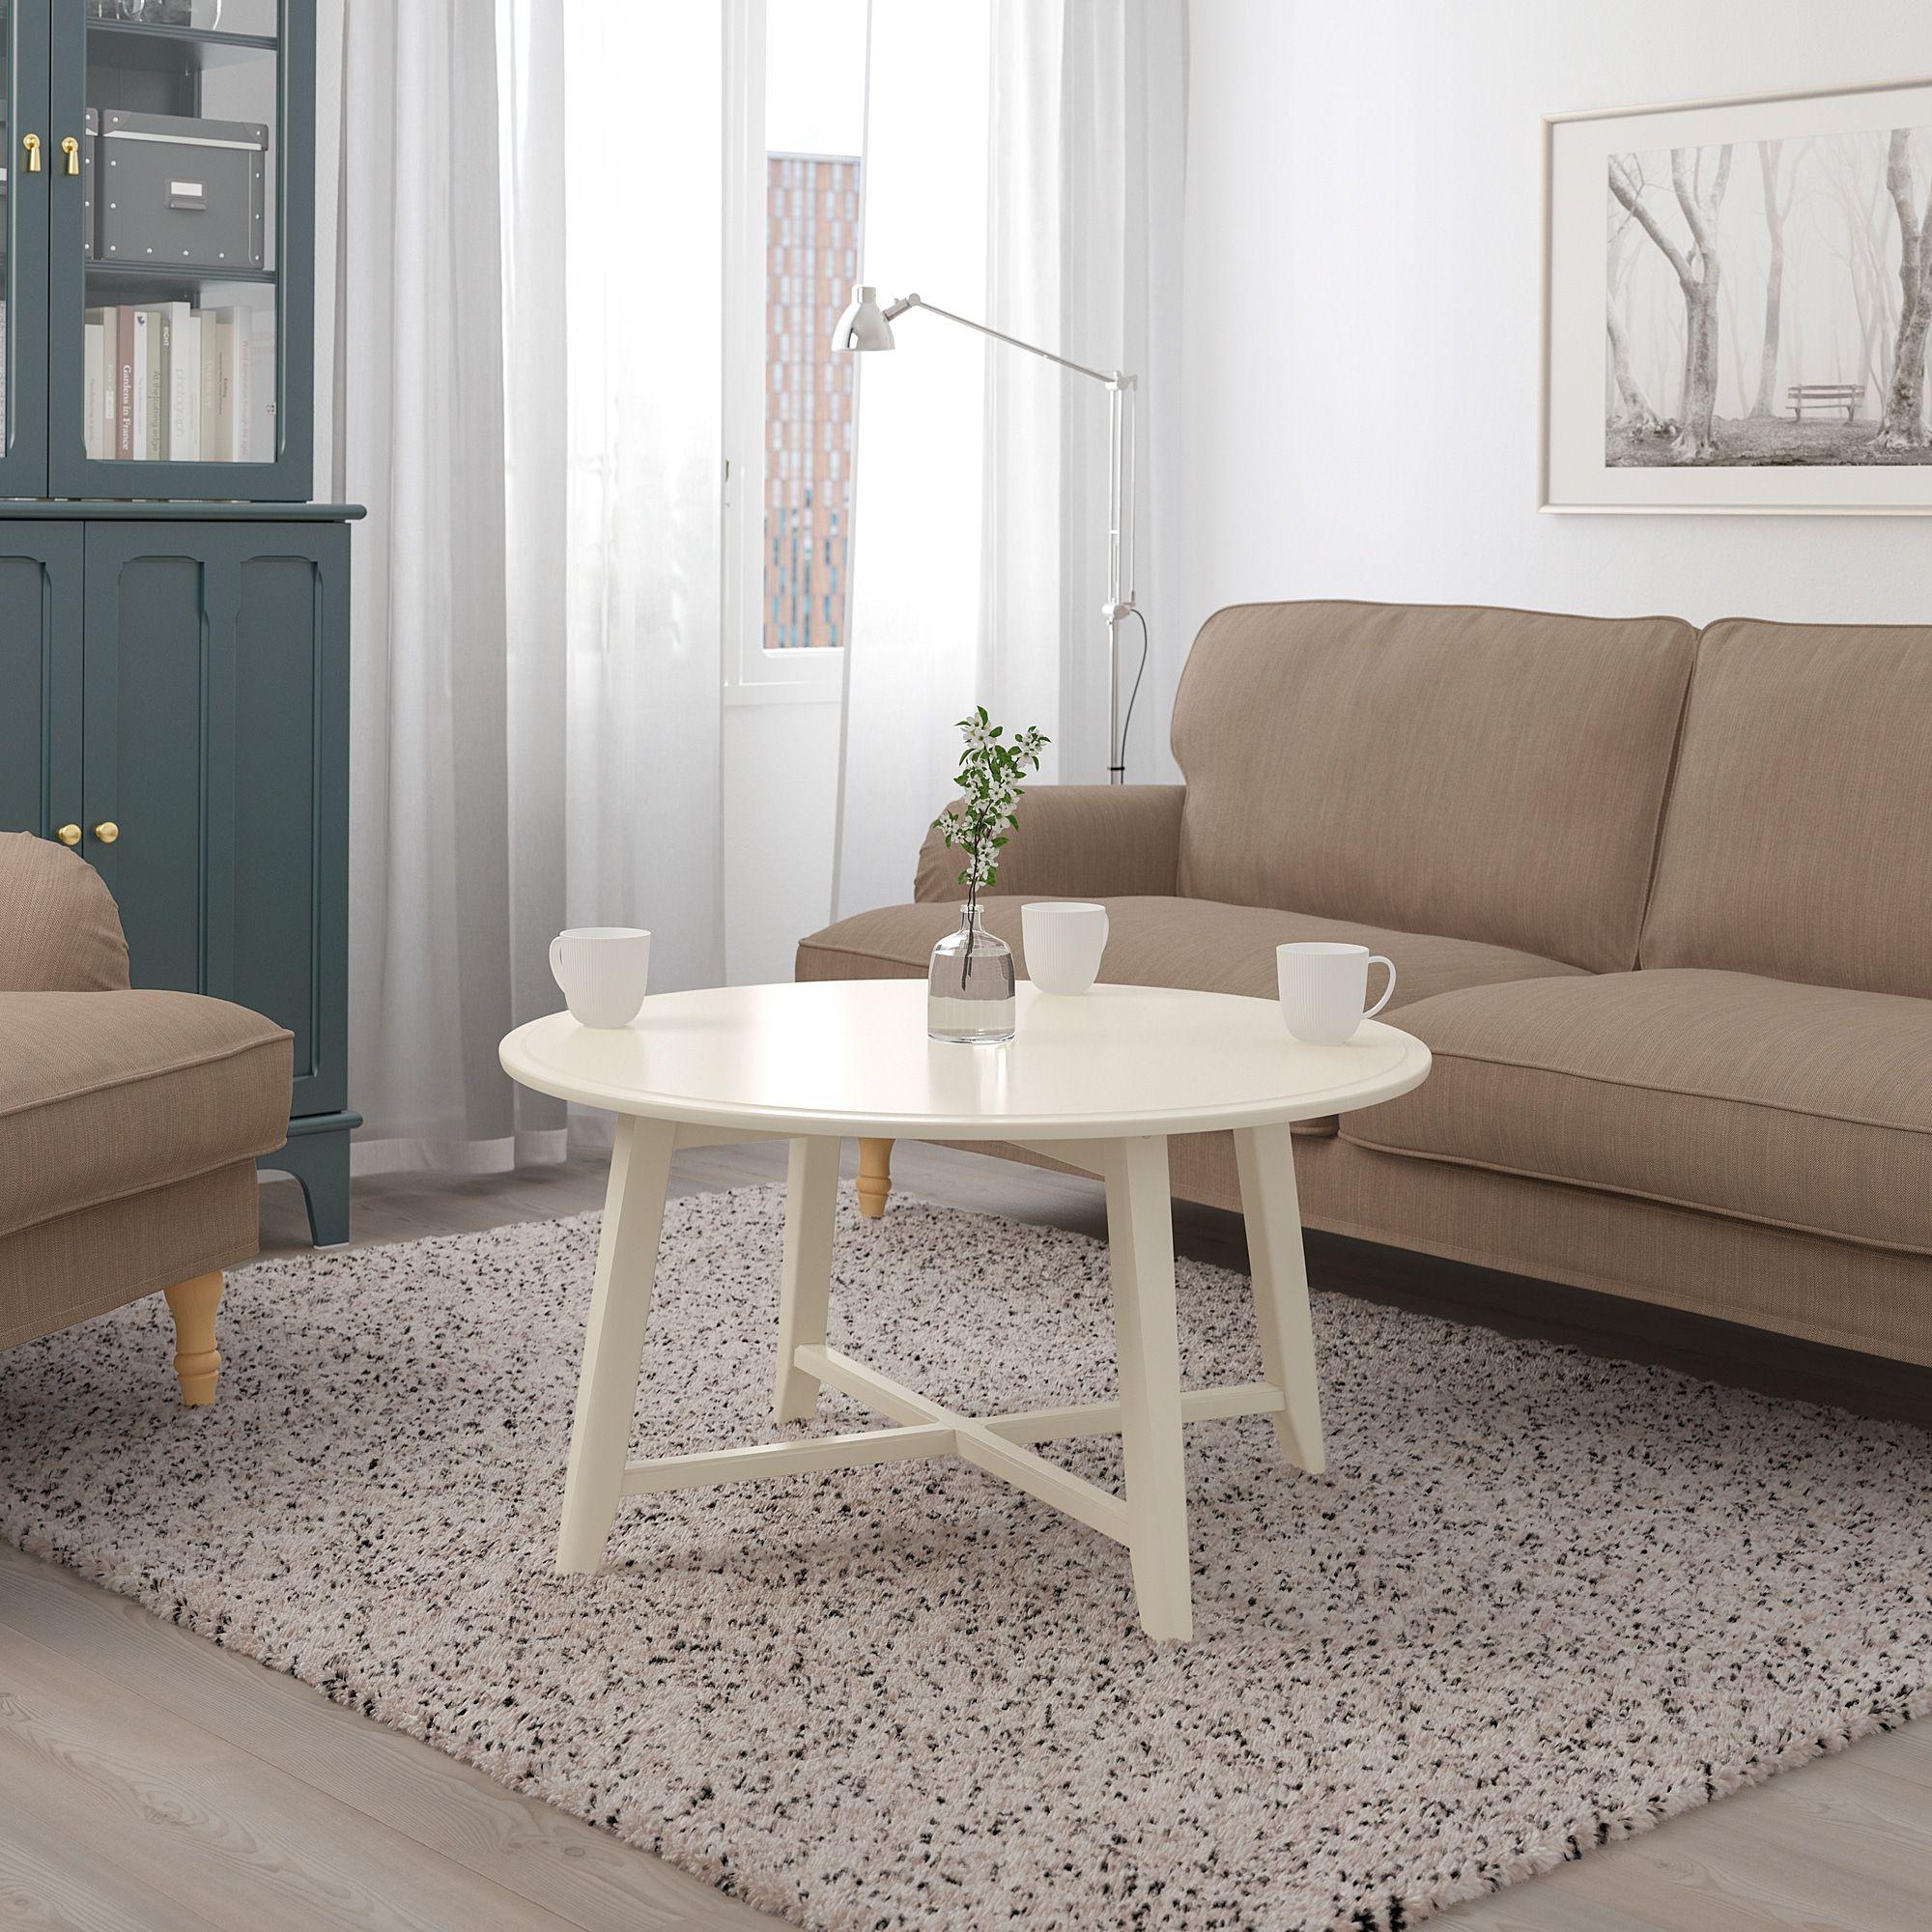 Kragsta Light Beige Coffee Table 90 Cm Ikea Coffee Table Blue Coffee Tables Ikea Coffee Table [ 2000 x 2000 Pixel ]